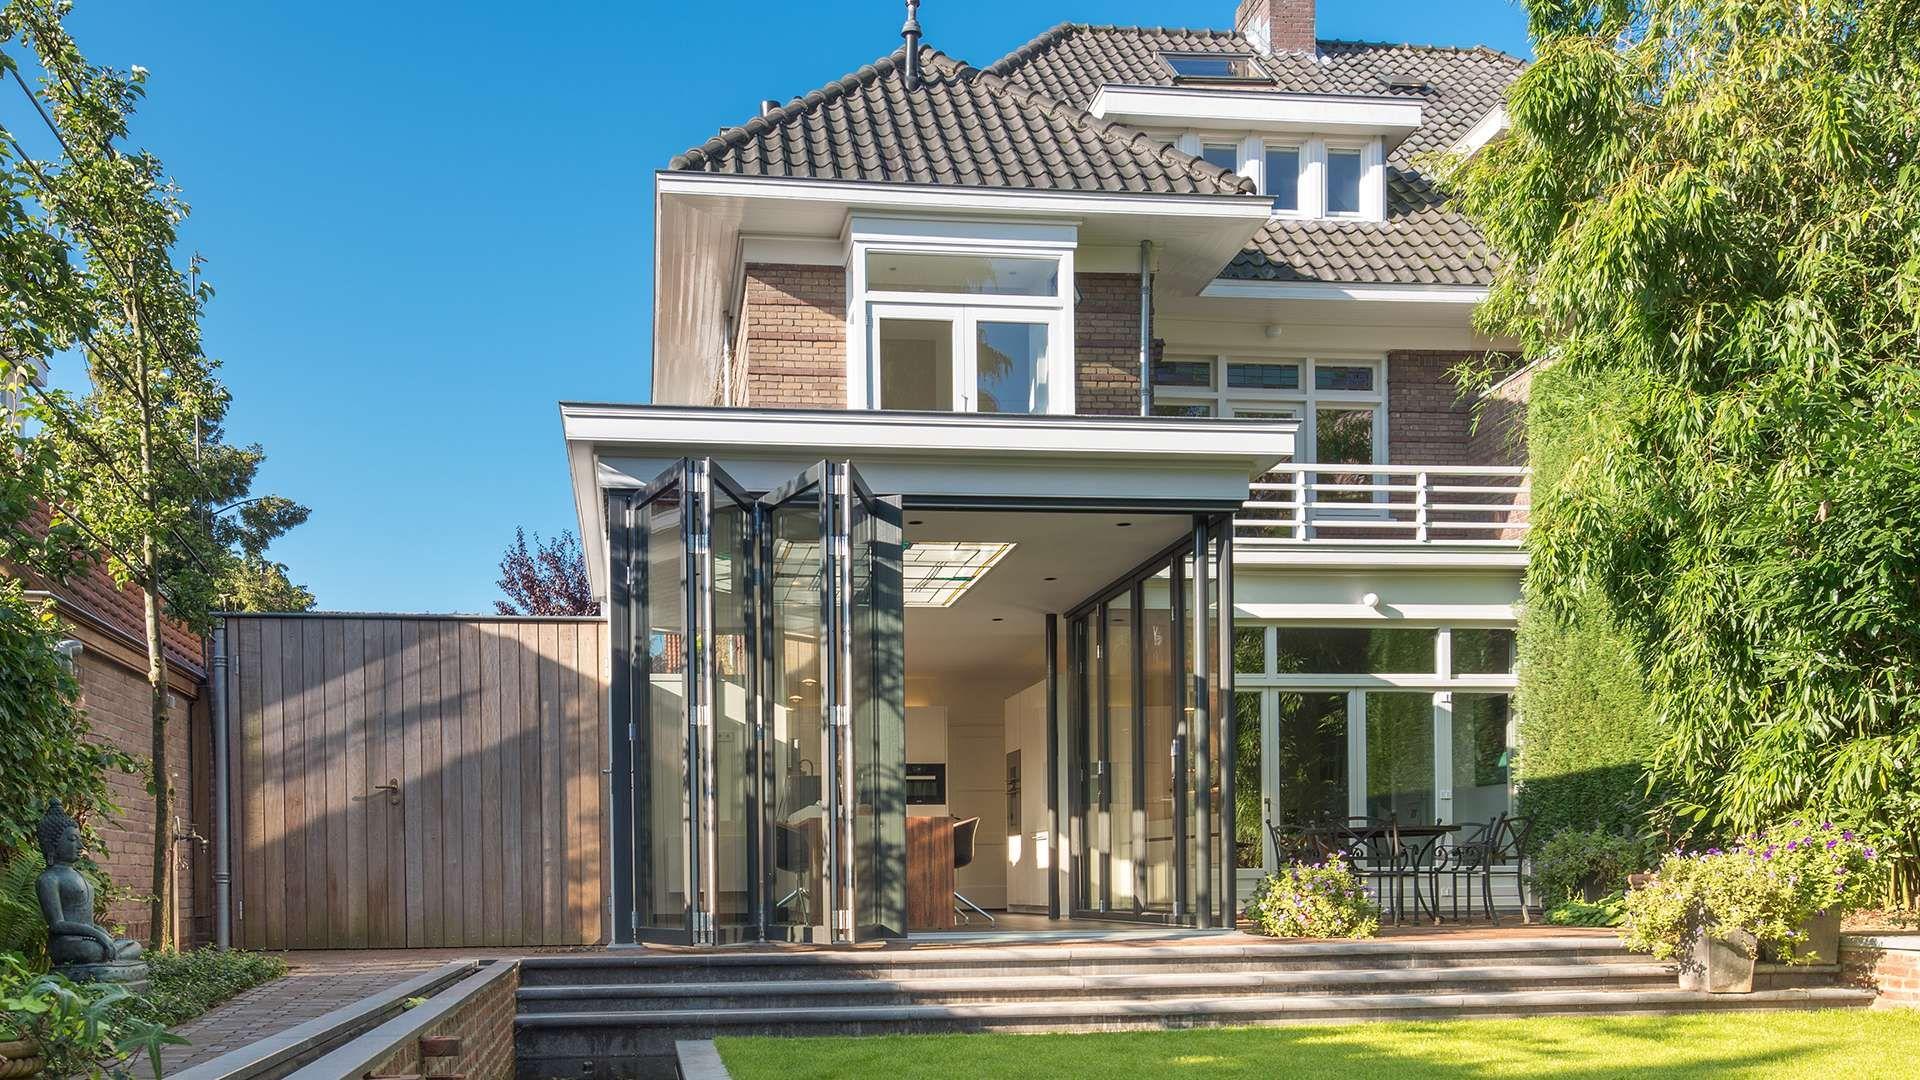 modernes großes Haus mit geöffneter Glas-Faltwand auf der Terrasse